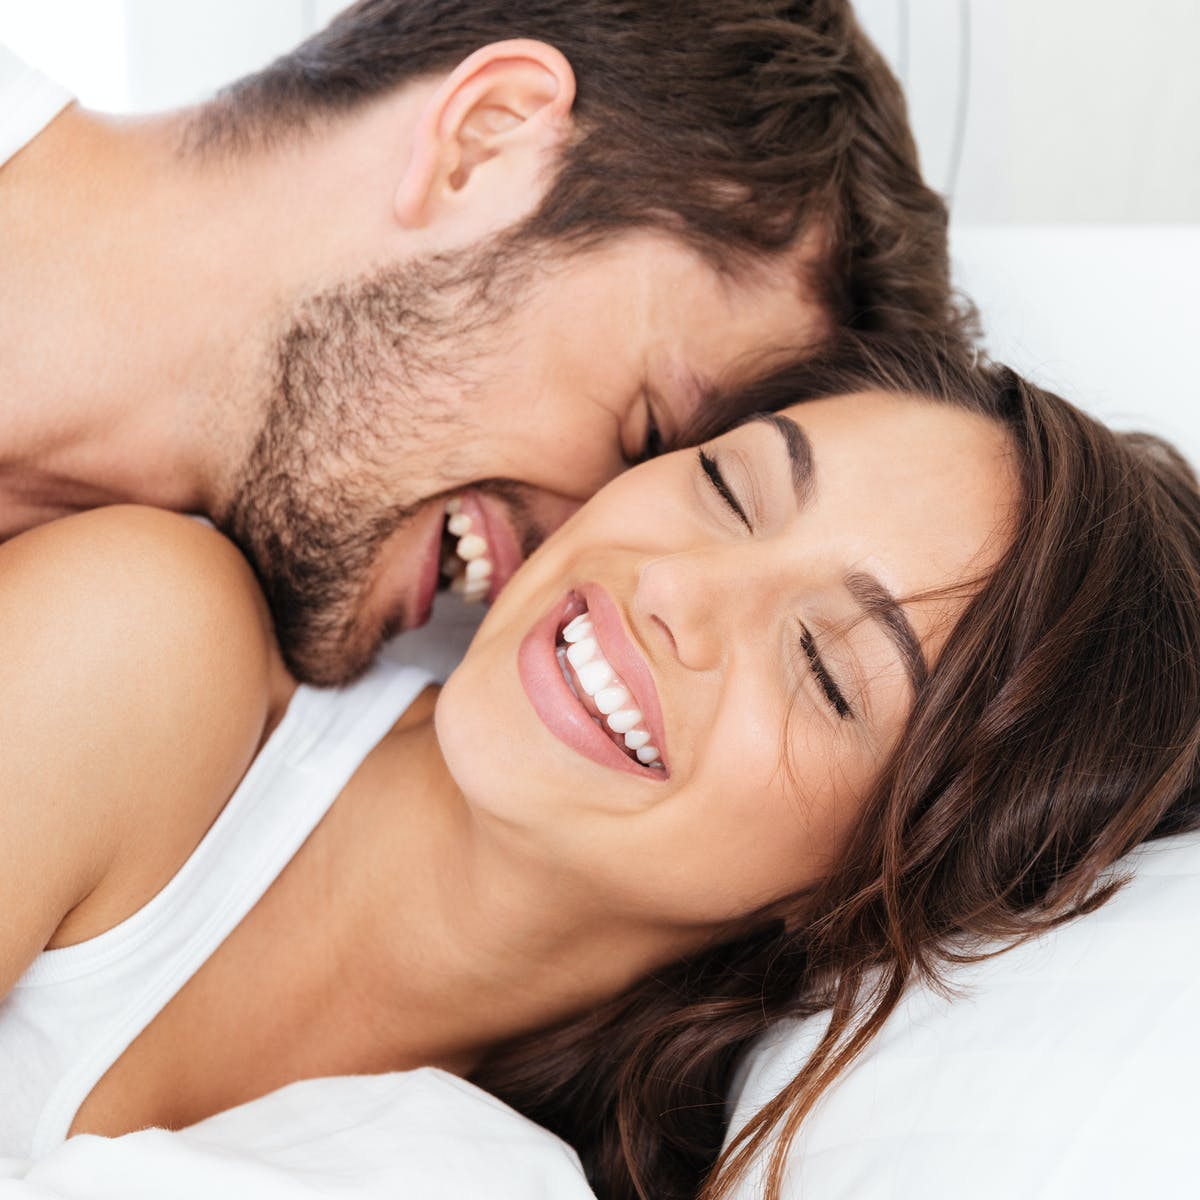 Σεξουαλική υγεία σύντροφος καρκίνος: Νέα έρευνα για τη σεξουαλική δραστηριότητα και την εναλλαγή συντρόφων